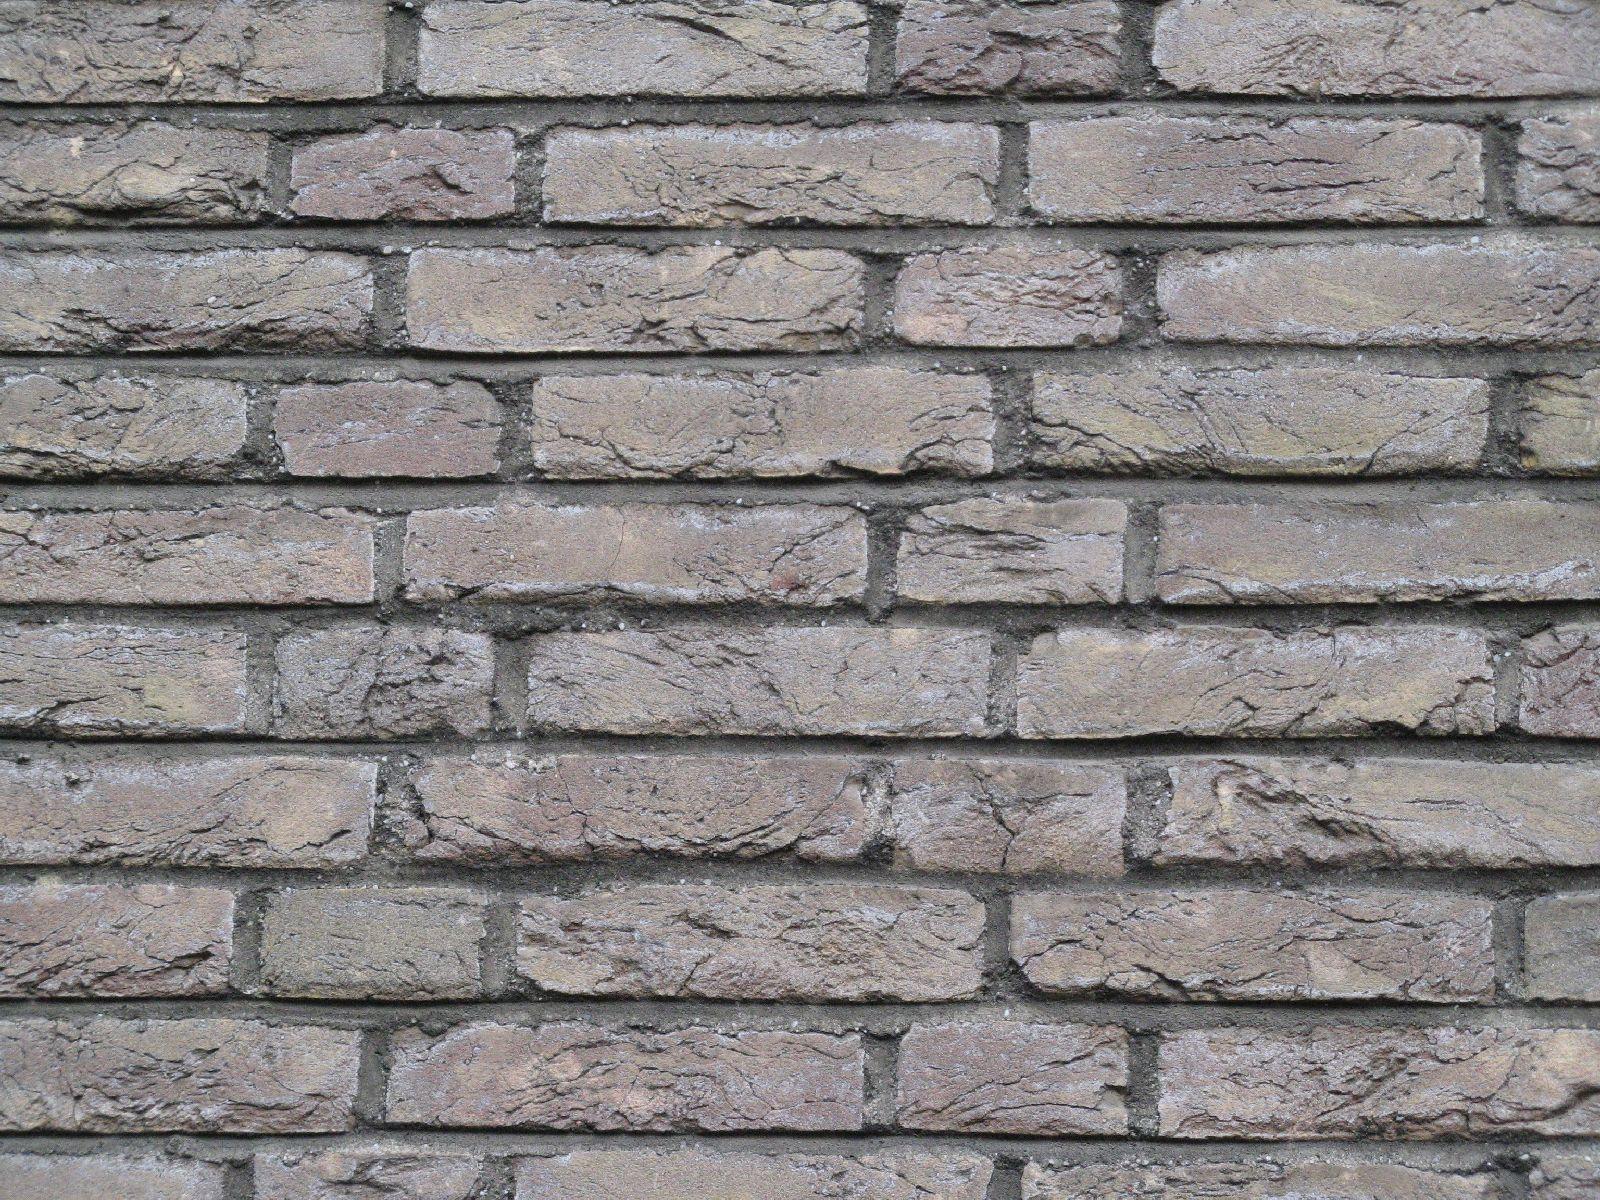 Wand-Mauerwerk-Backstein_Textur_B_0516